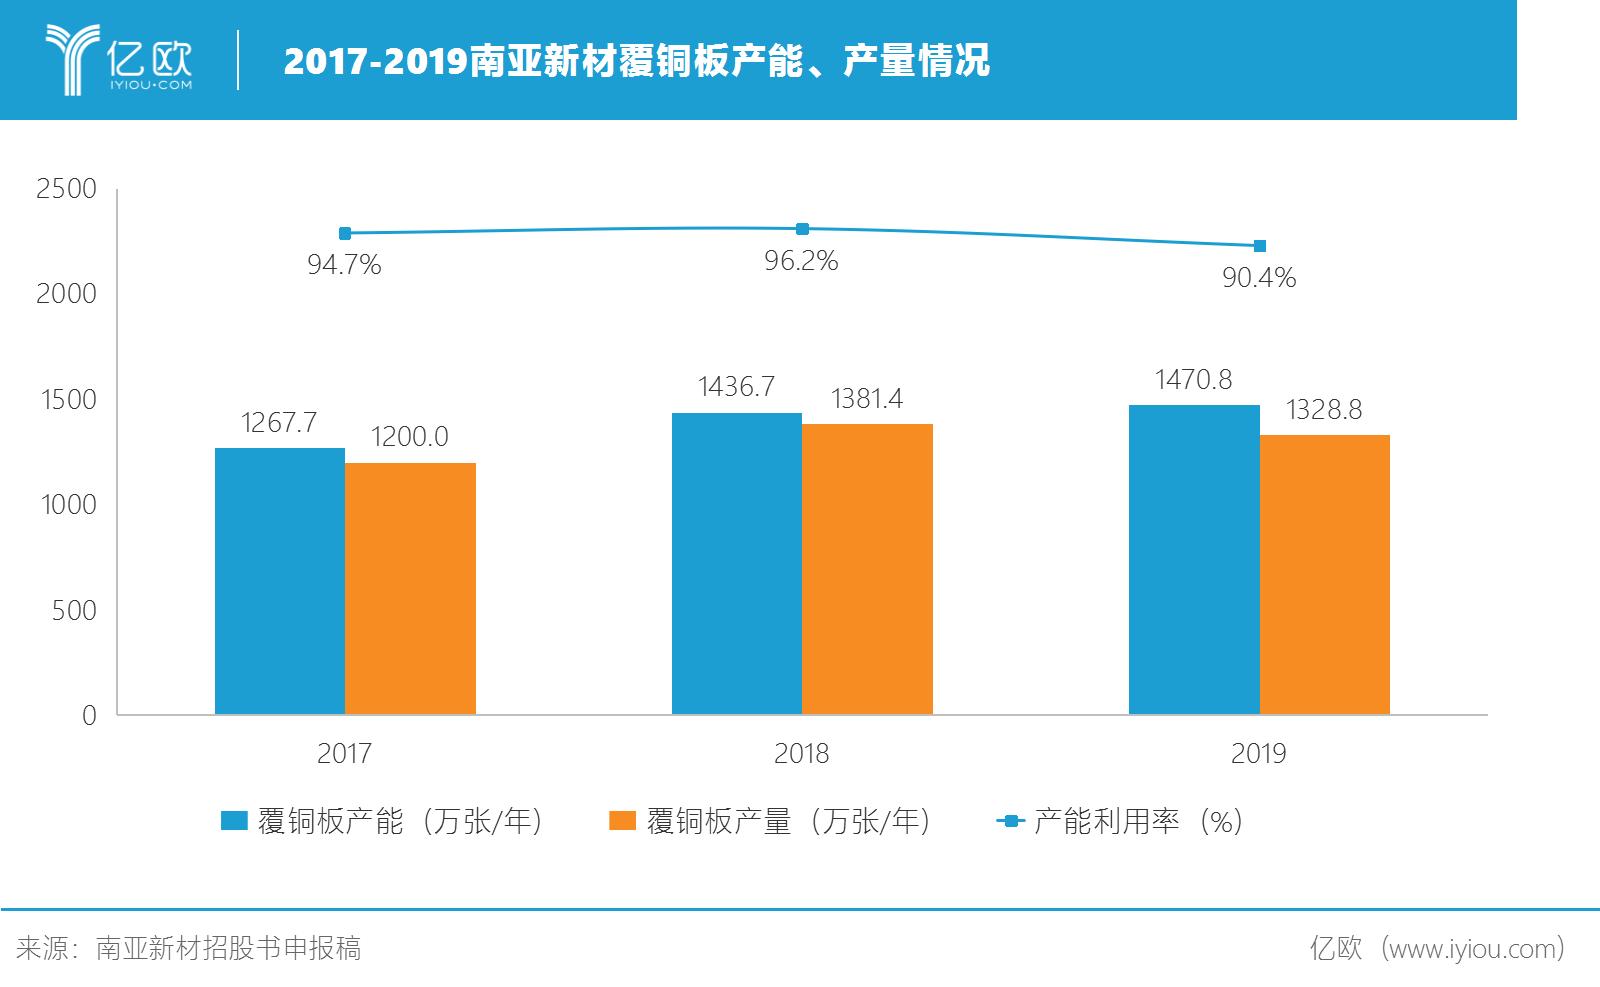 2017-2019南亚新材覆铜板产能、产量情况.png